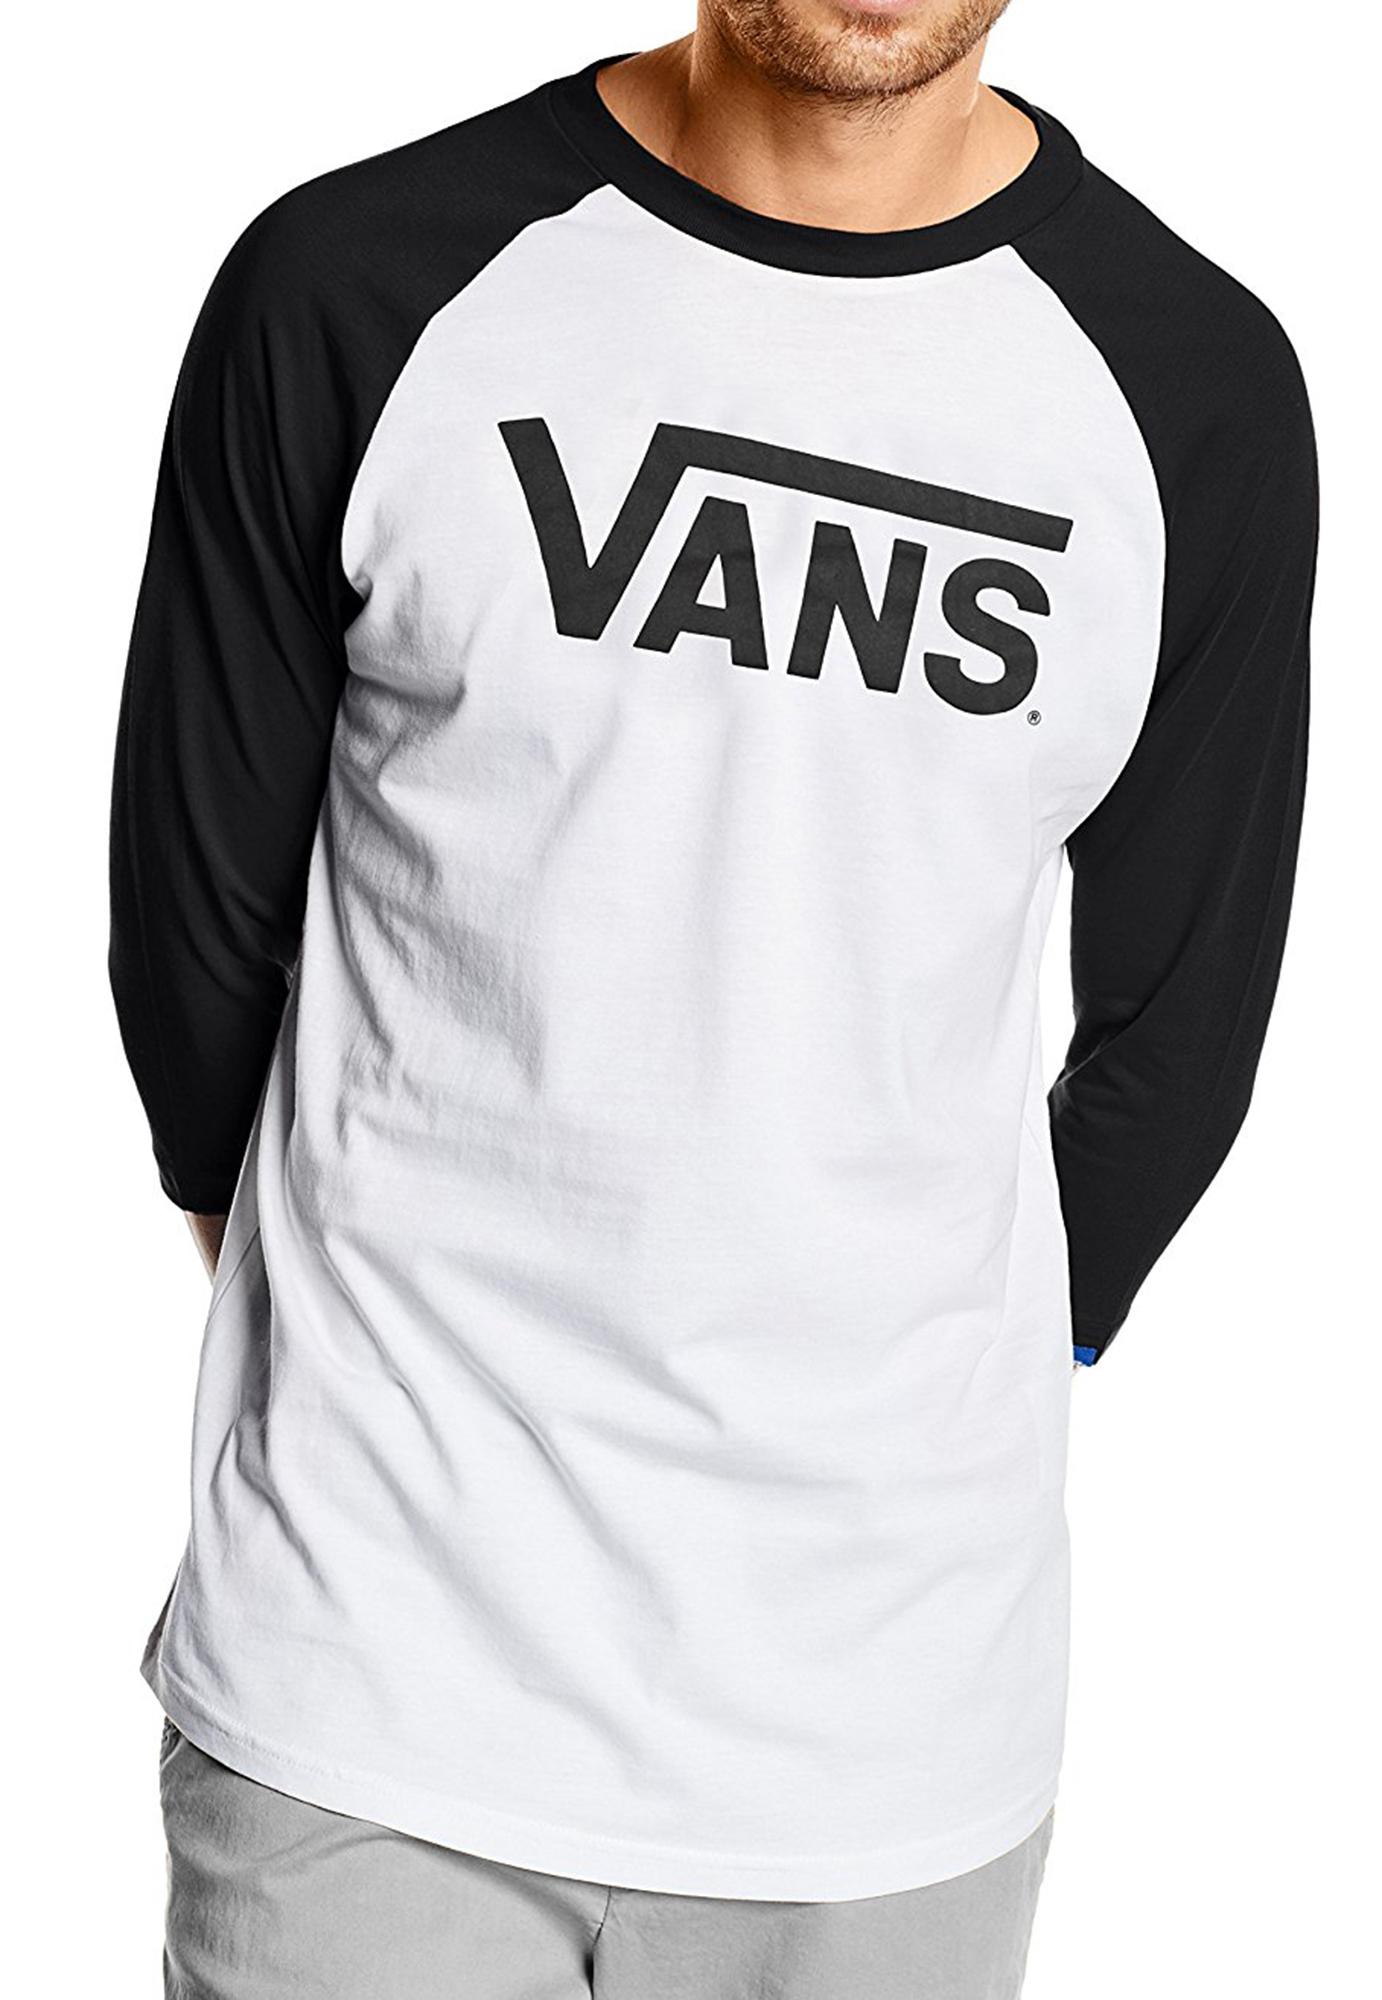 Details zu Vans Neu Herren Otw Crew Pullover Kleid Blau Weiß Neu mit Etikett